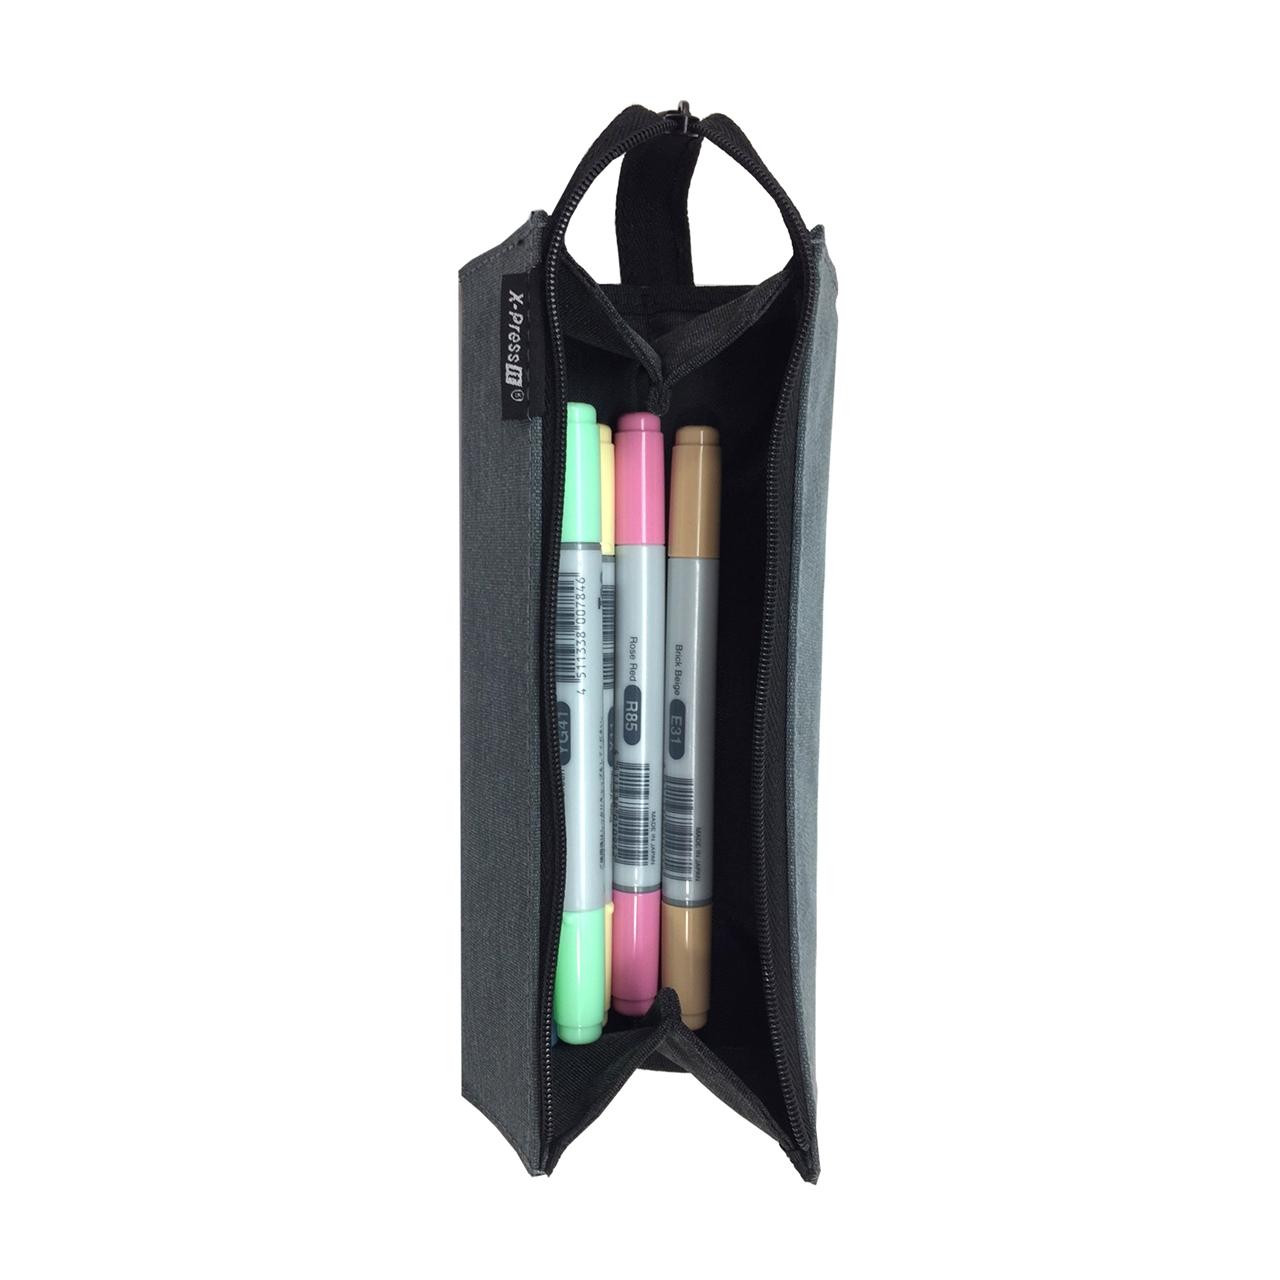 0021758_x-press-it-zipper-tray